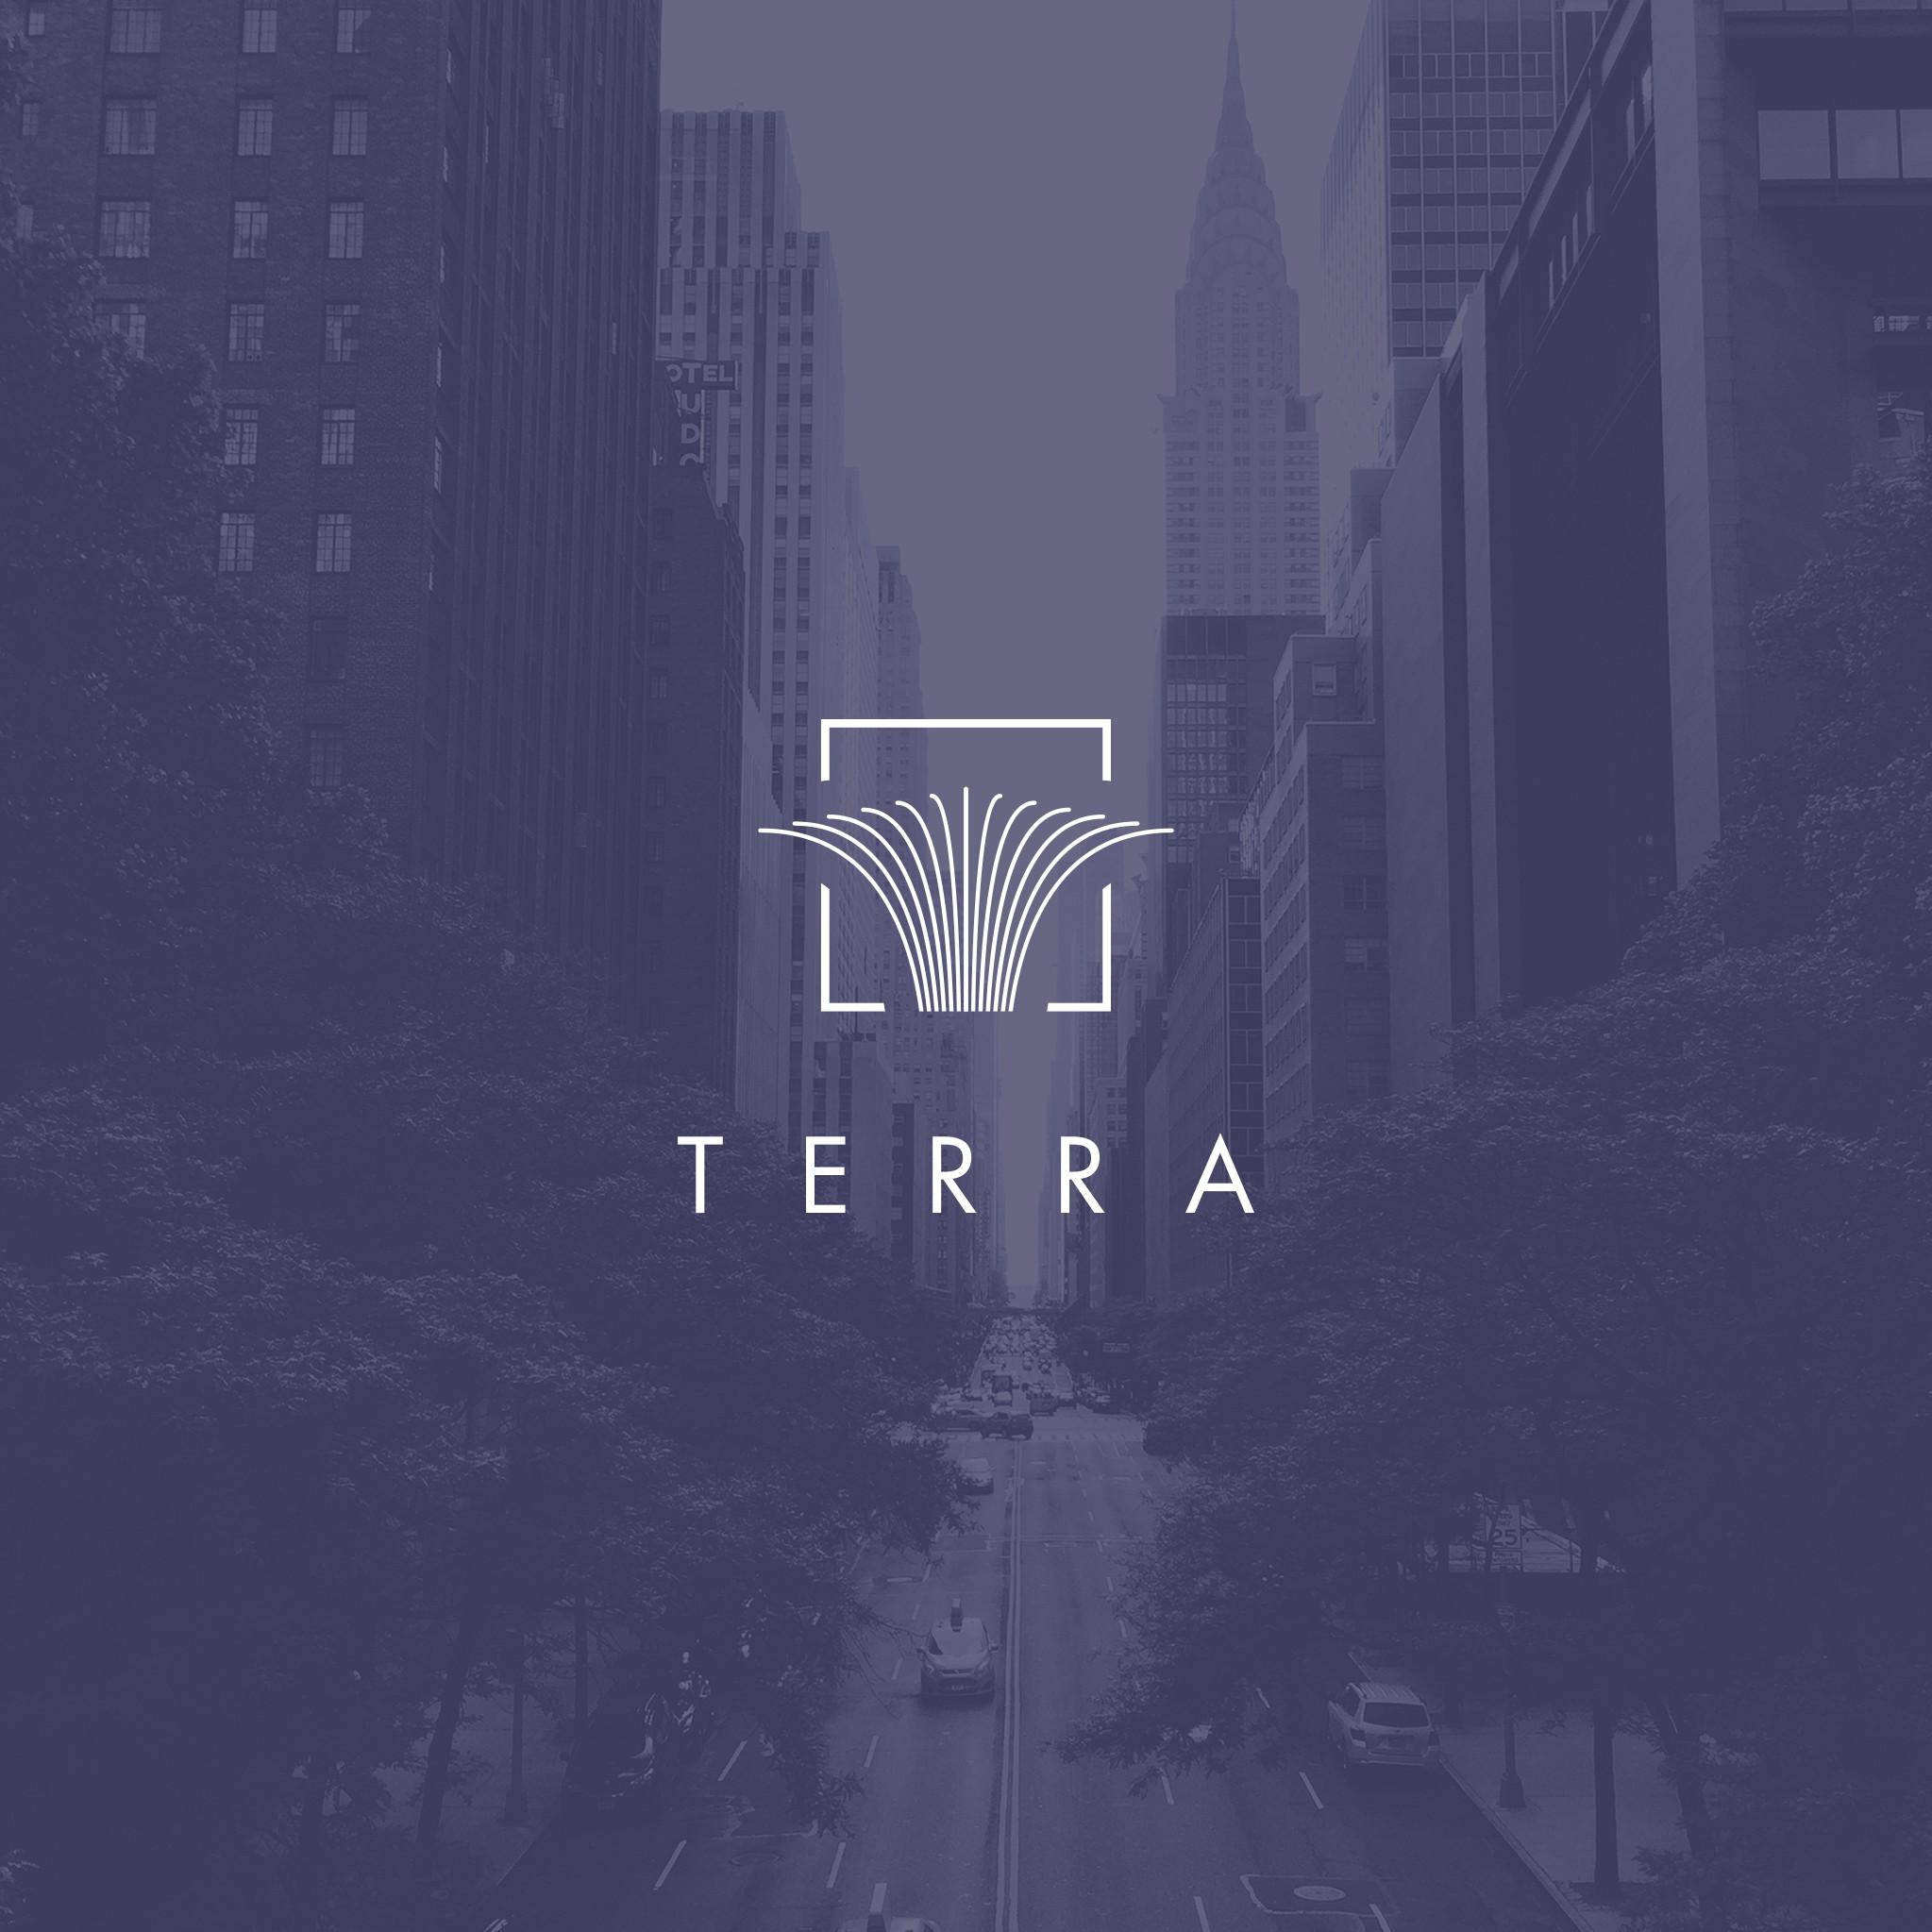 Terra (financial/capital/fintech/investment/fund) needs a logo